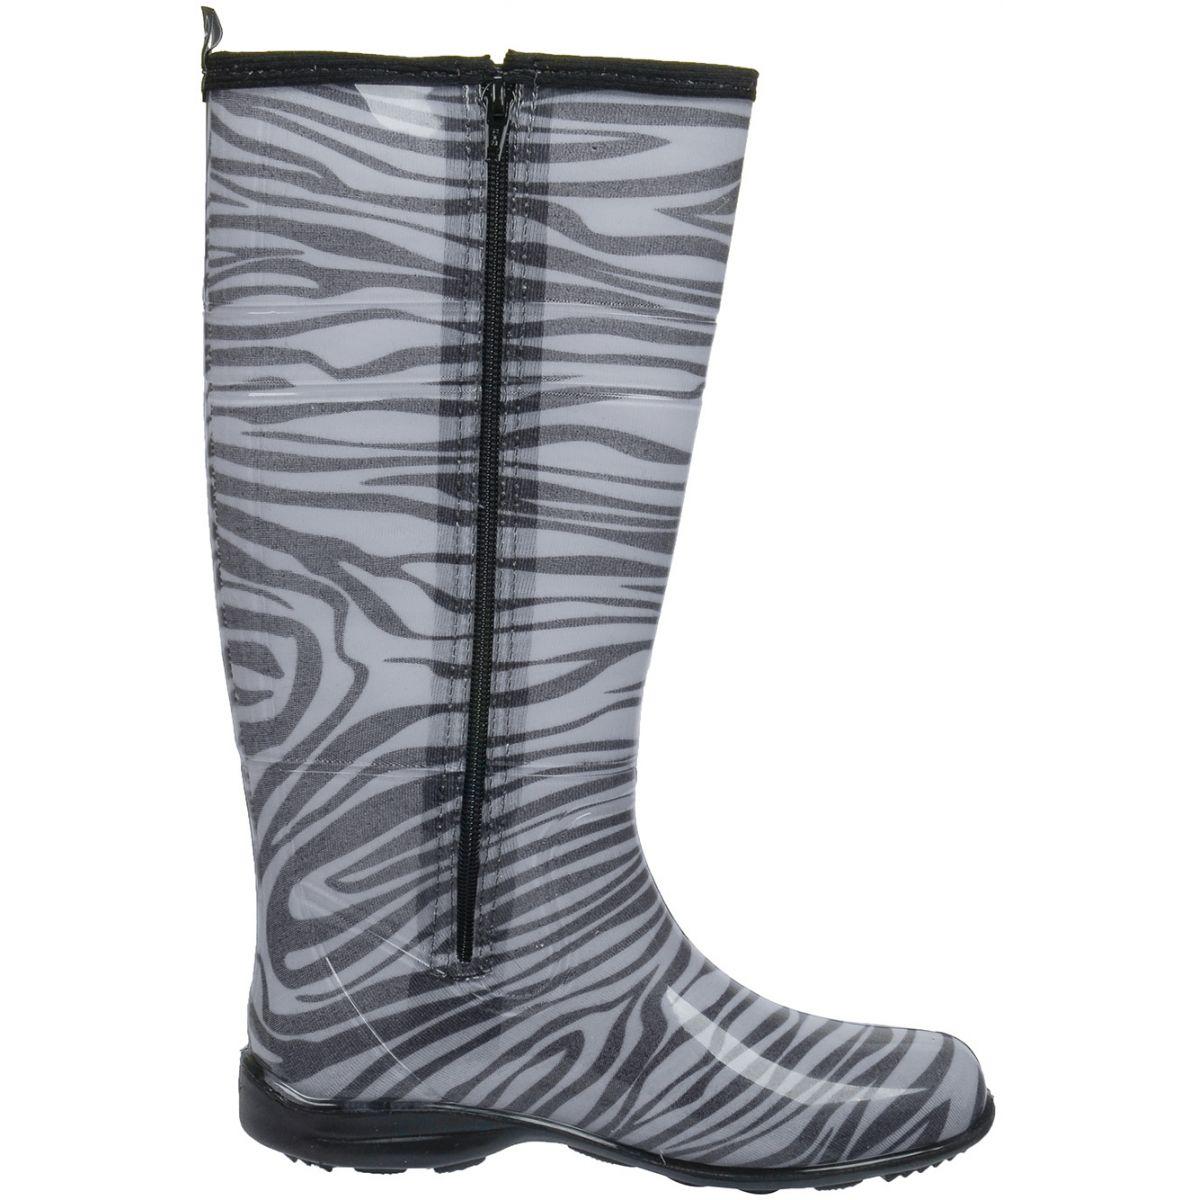 Galocha Alpat Fashion Zebra Com Zíper  - Casafaz